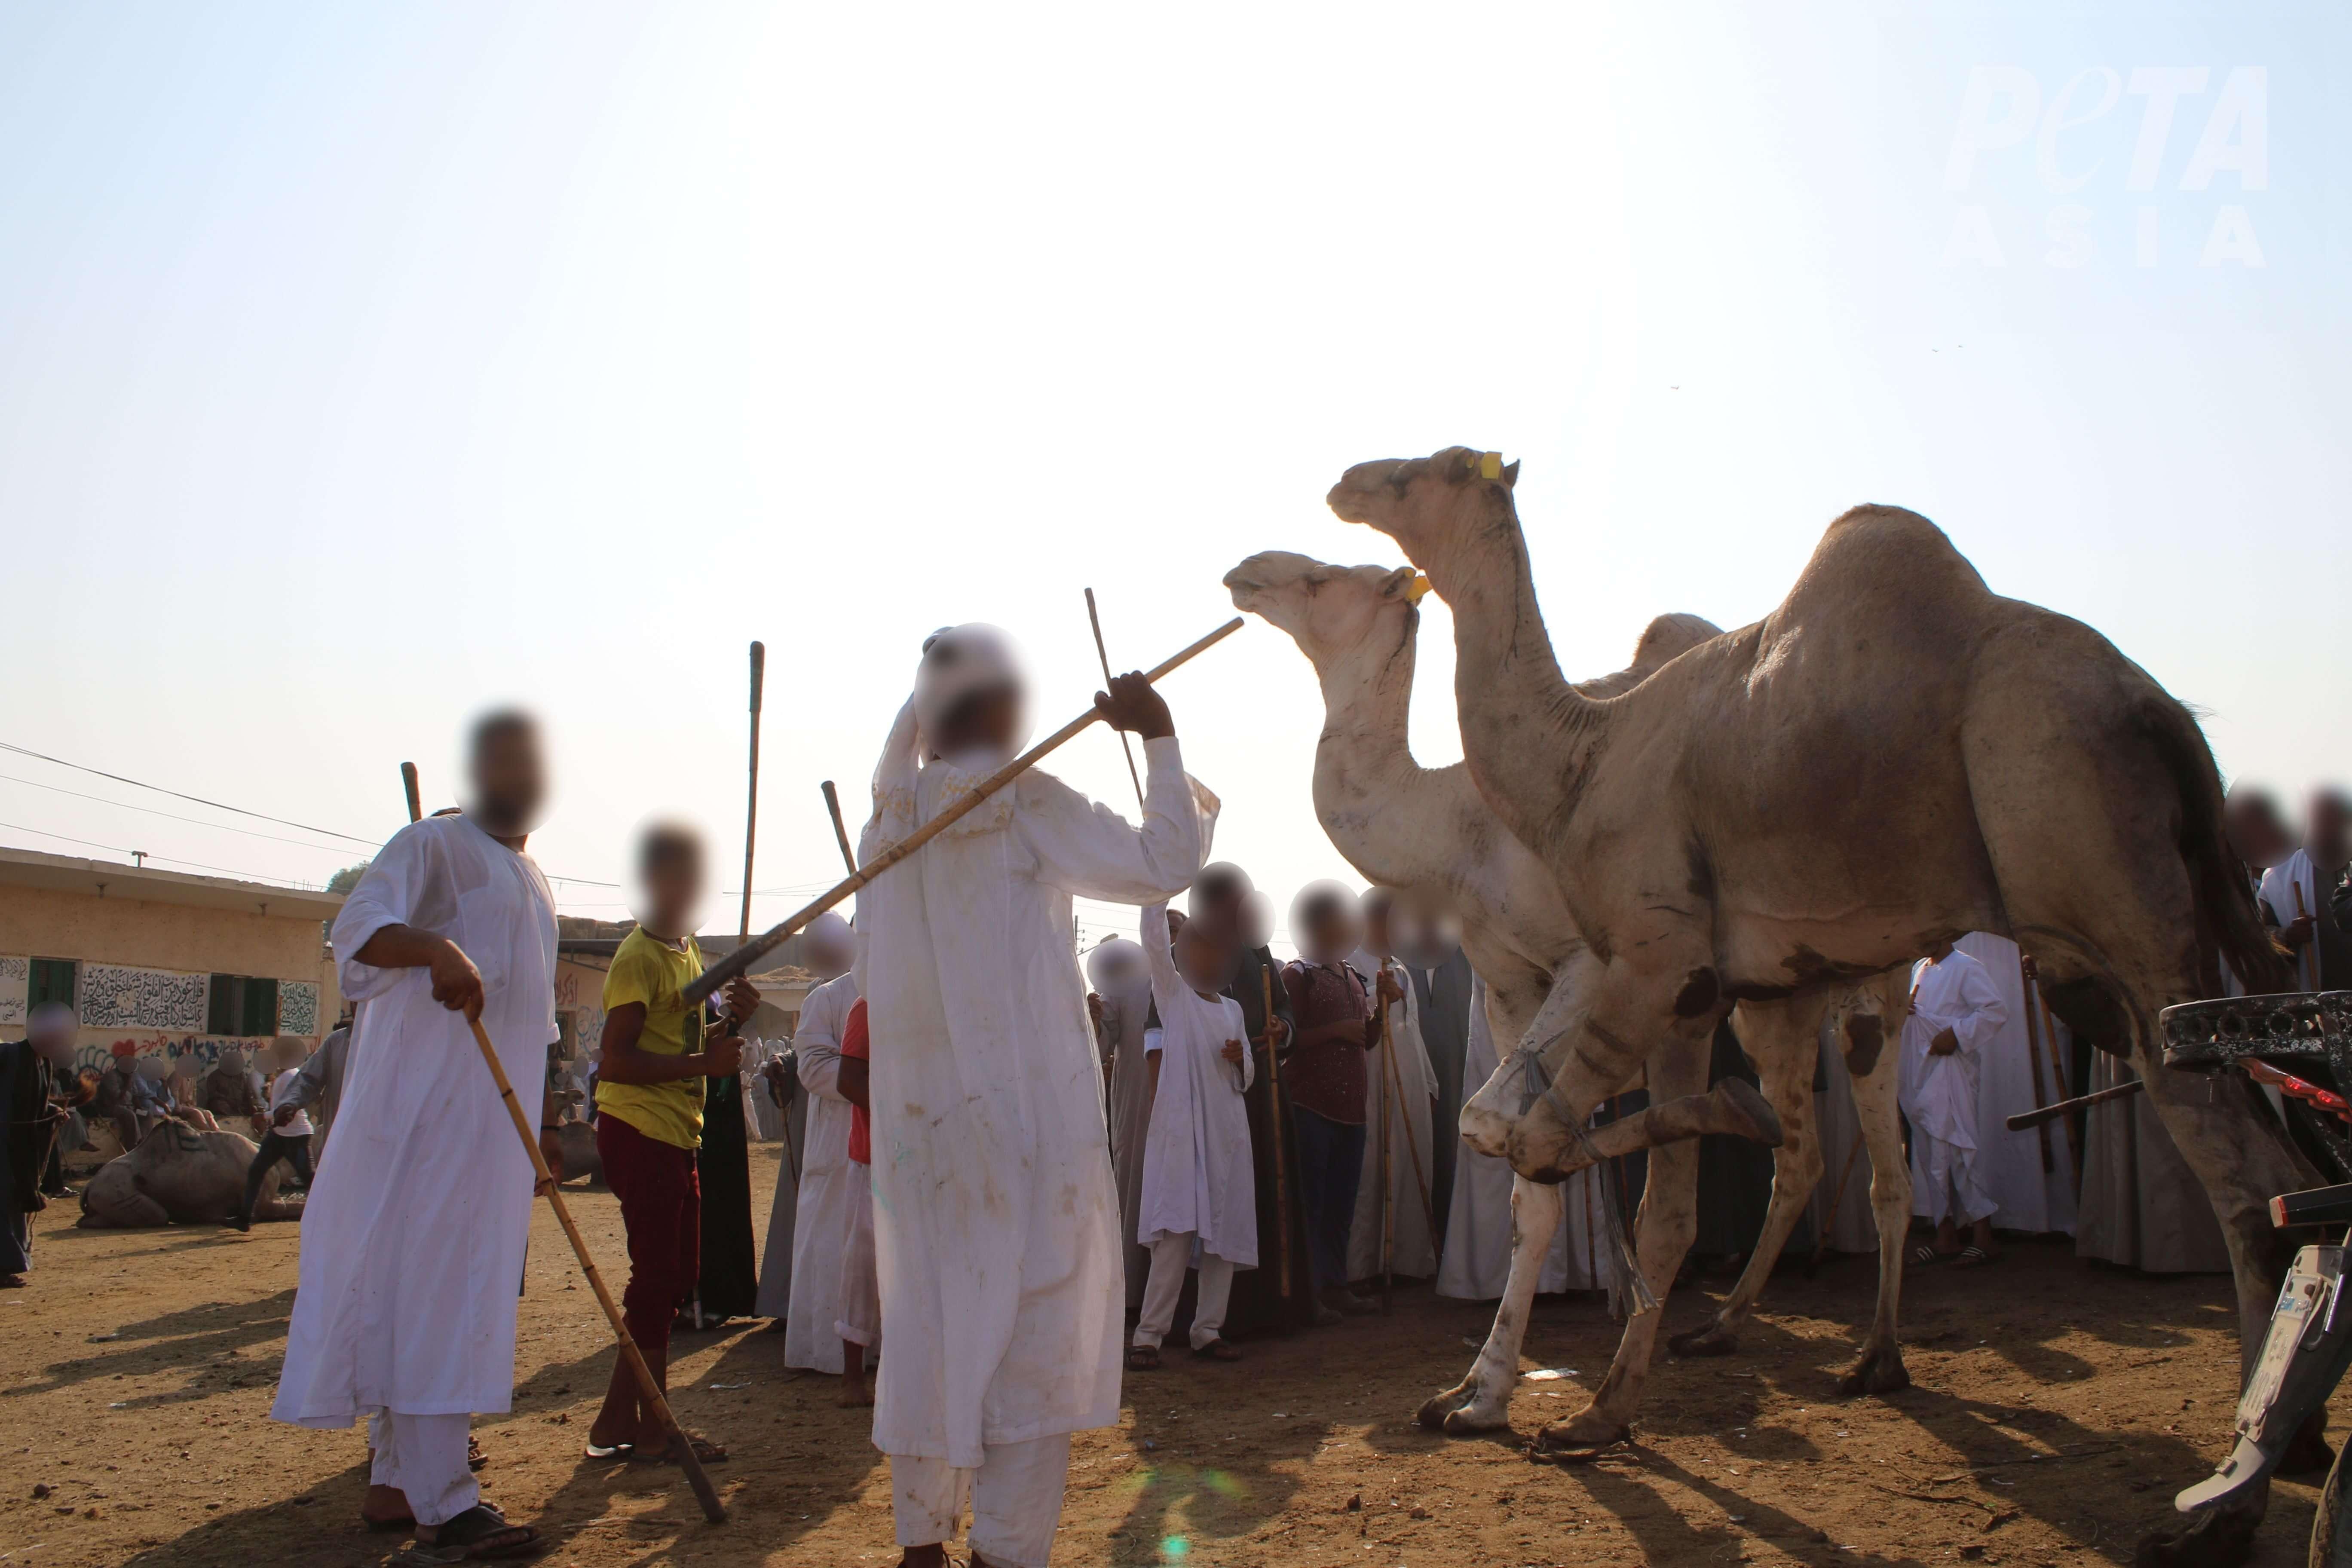 MISE À JOUR : Trois personnes accusées d'avoir torturé des dromadaires en Égypte suite aux révélations de PETA